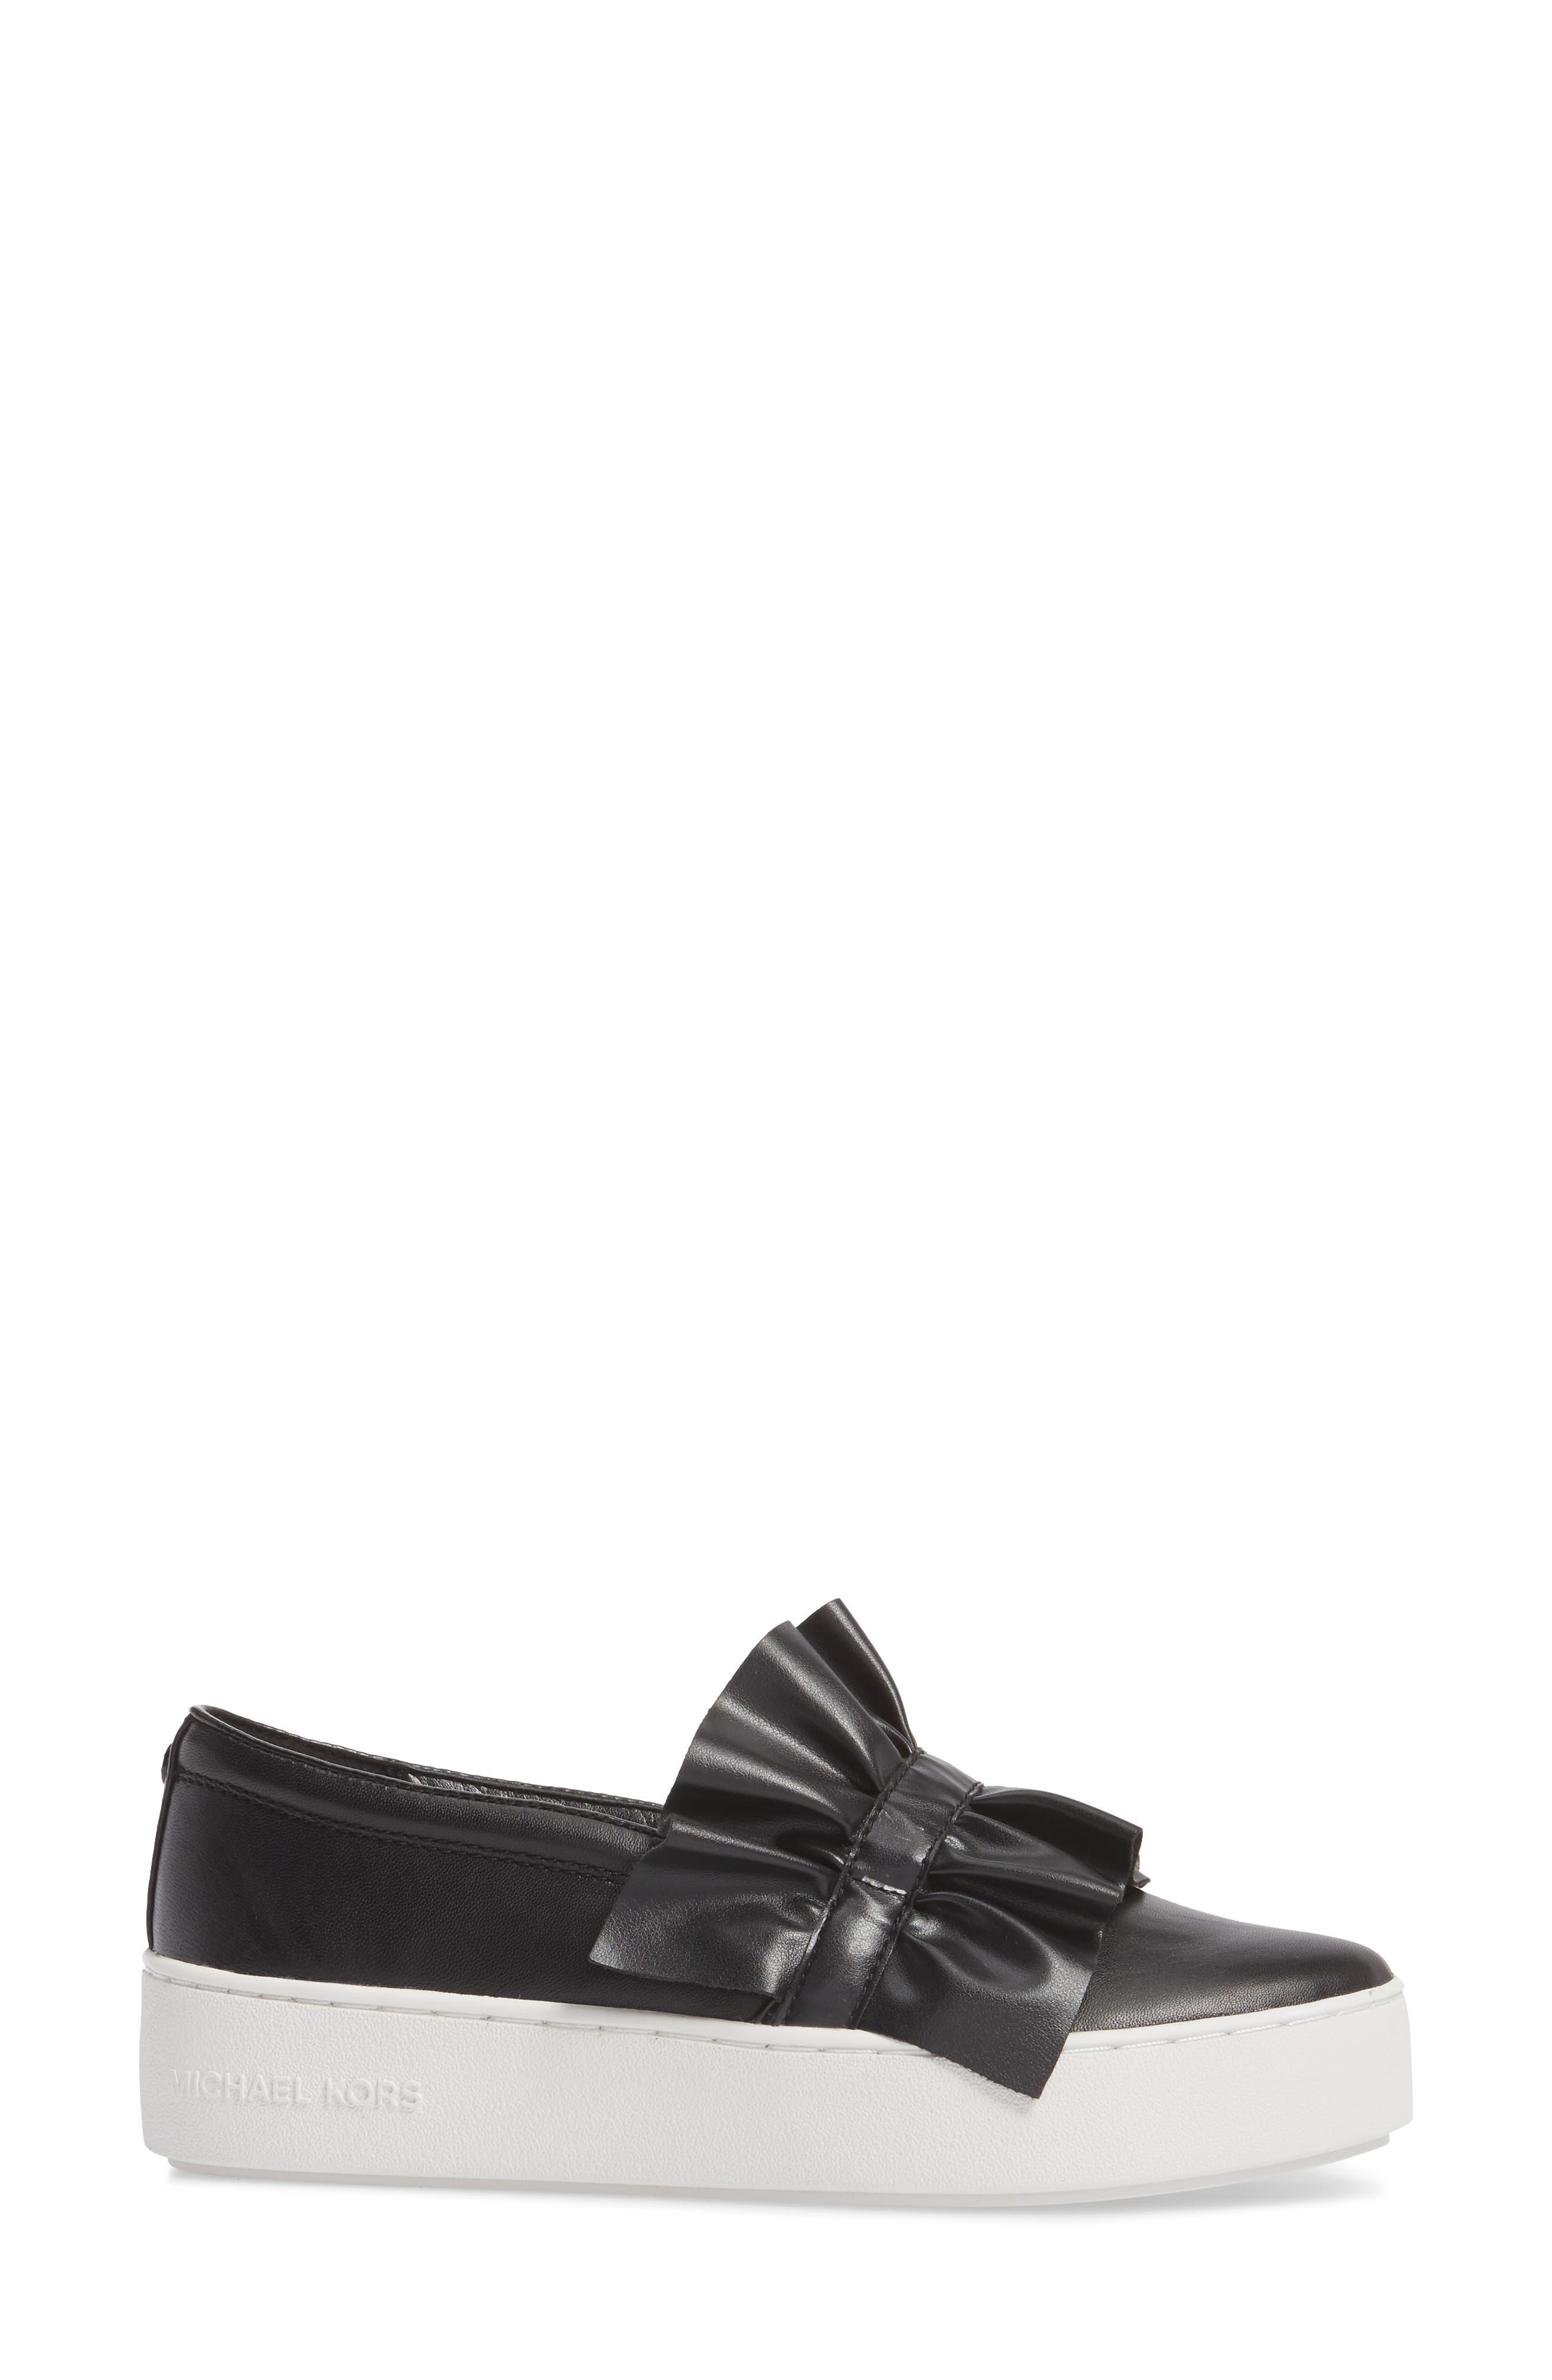 Bella Slip-On Sneaker,                             Alternate thumbnail 3, color,                             001